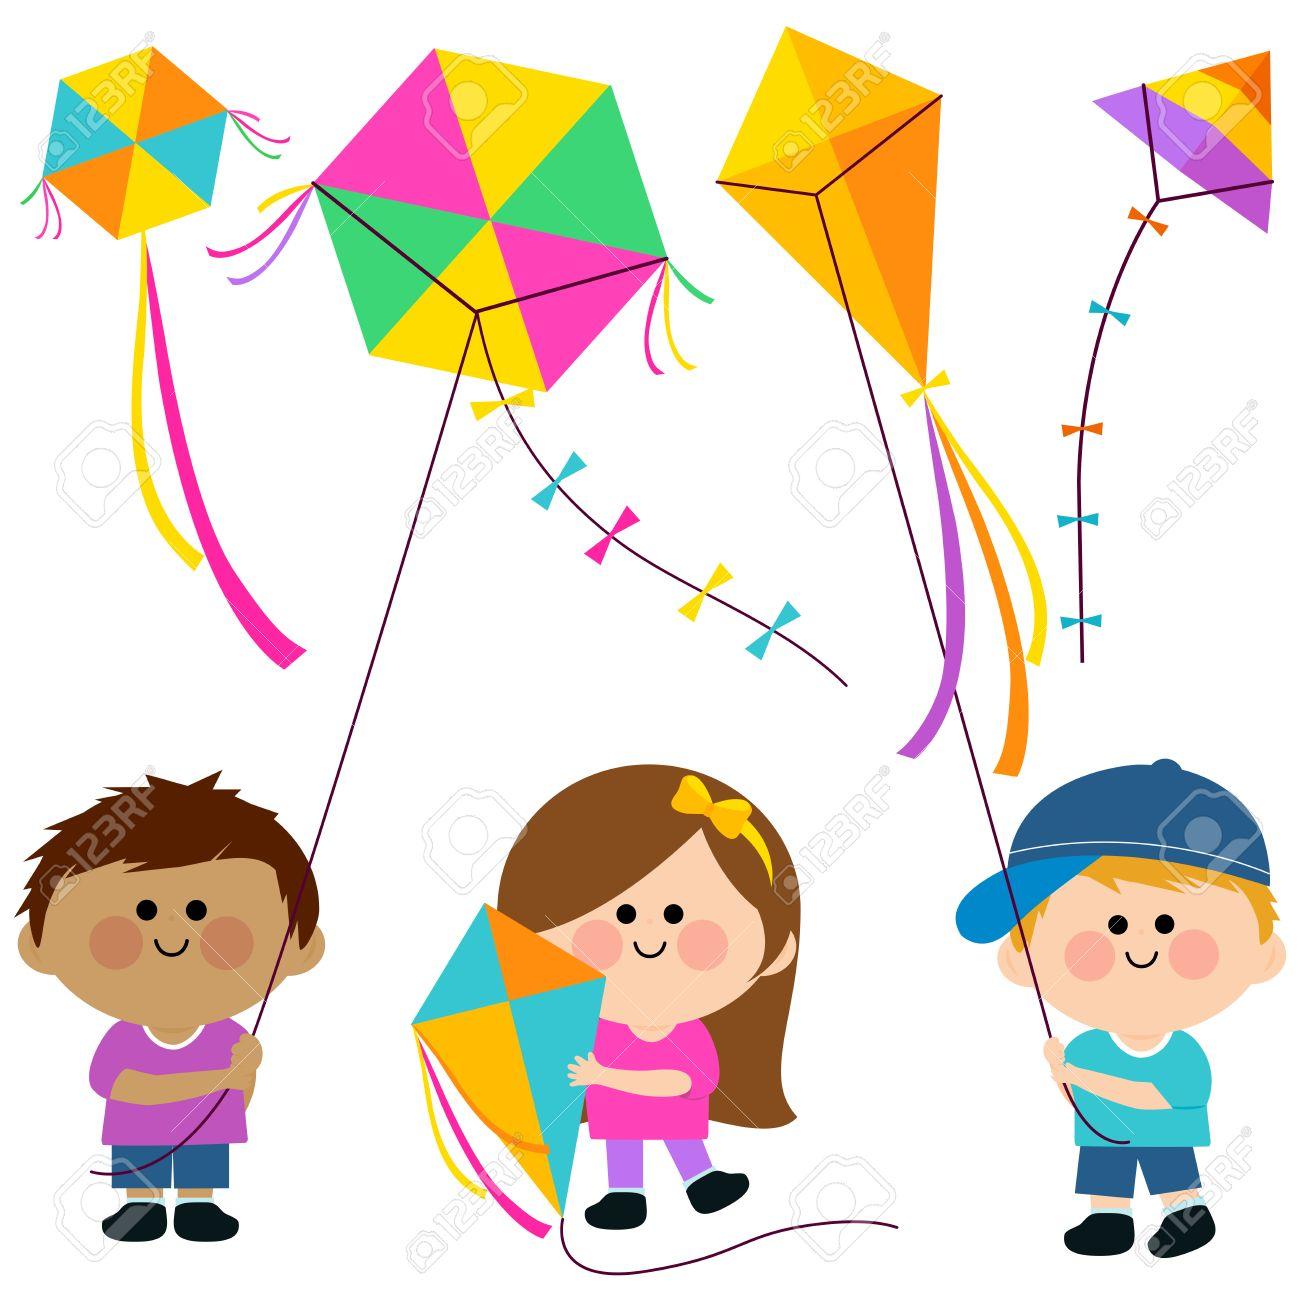 Children flying kites - 54273237